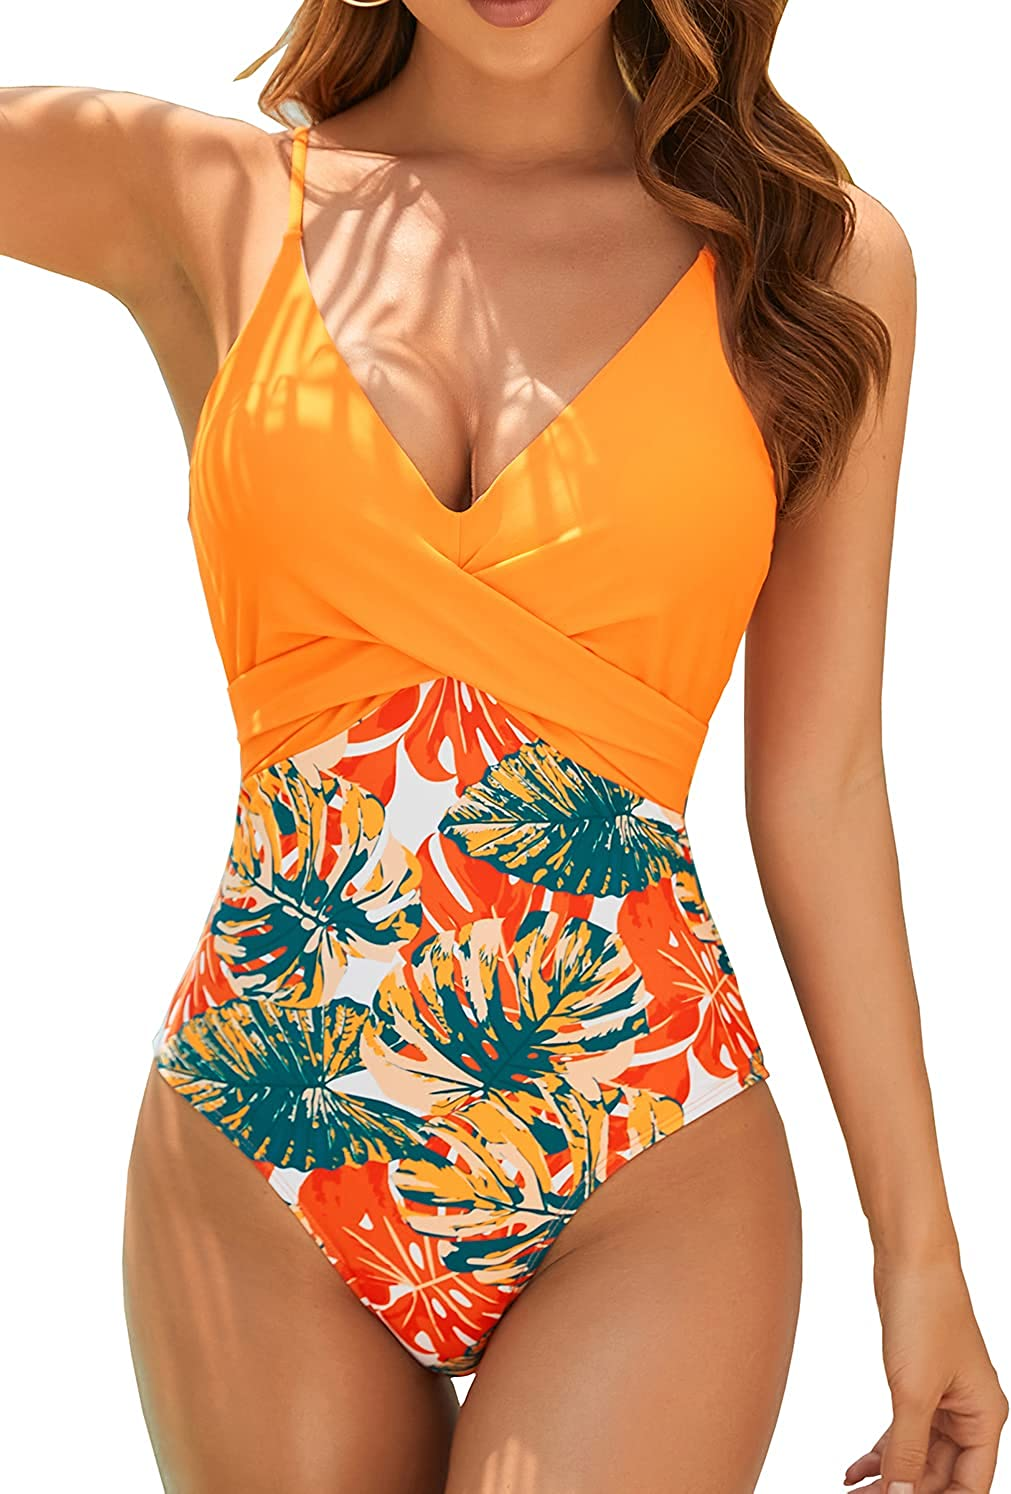 Binlowis One Piece Swimsuit 1 year warranty Front Swi excellence Cross Strappy Women's